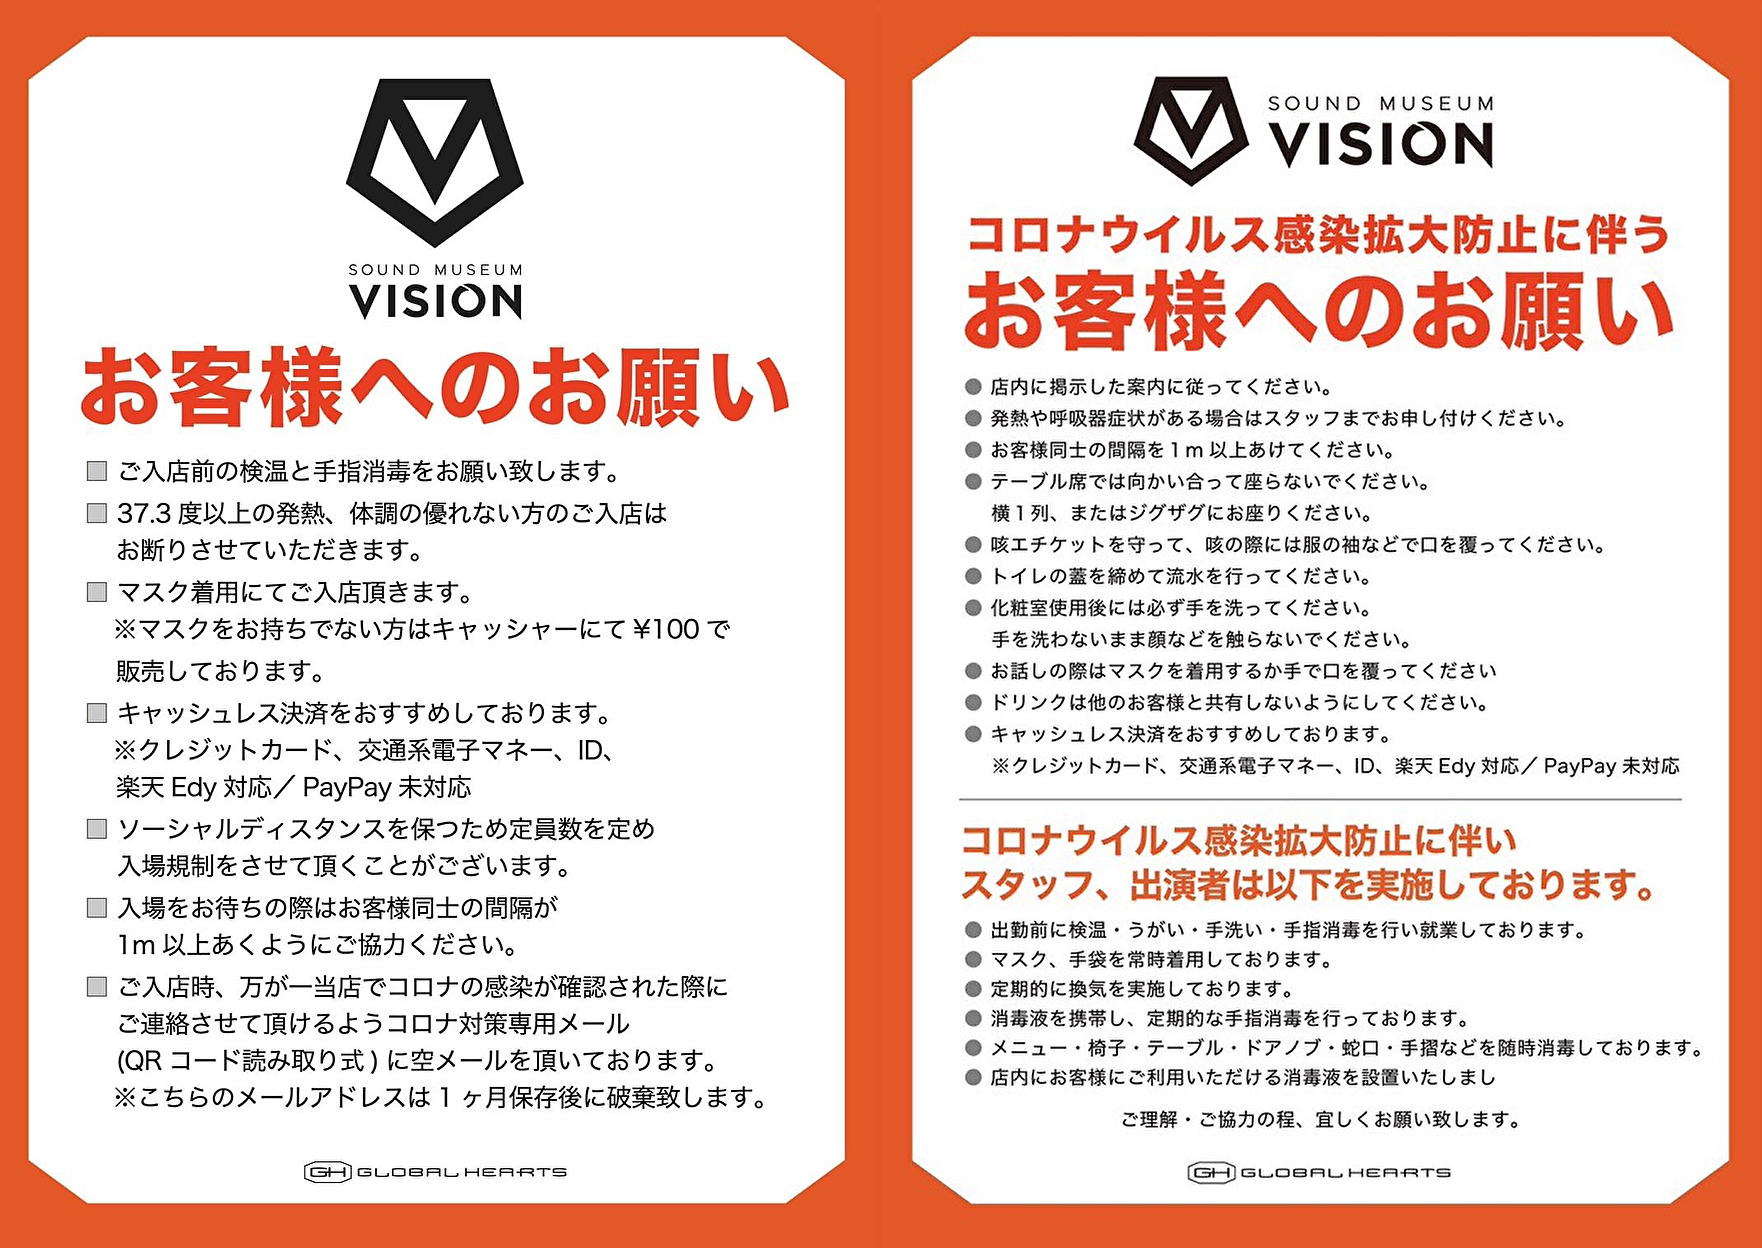 渋谷VISIONからイベントへ参加されるお客様へのお願い